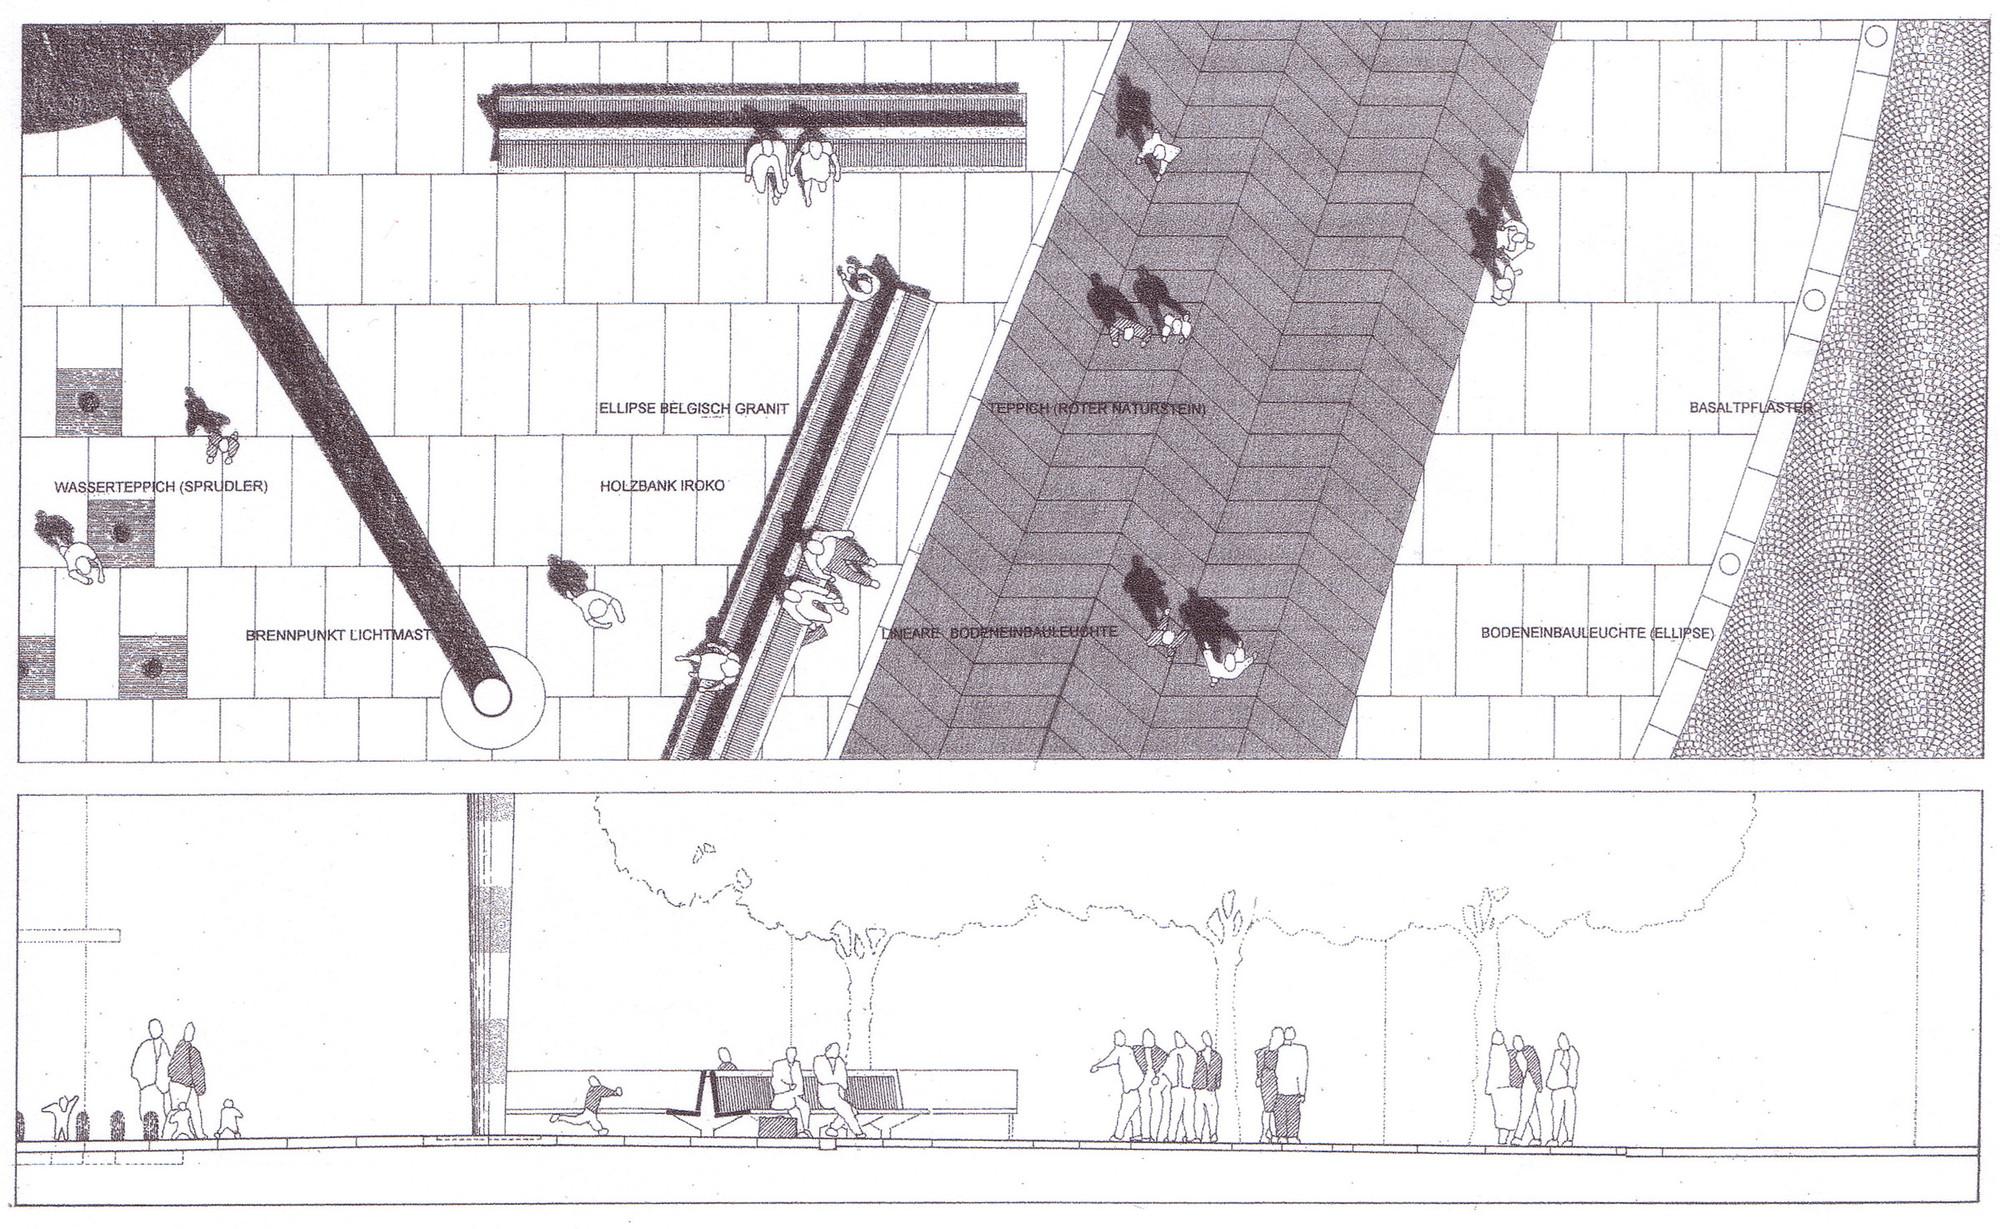 Architekten Aachen gallery of bahnhofplatz aachen hh f architekten hentrup heyes fuhrmann 13